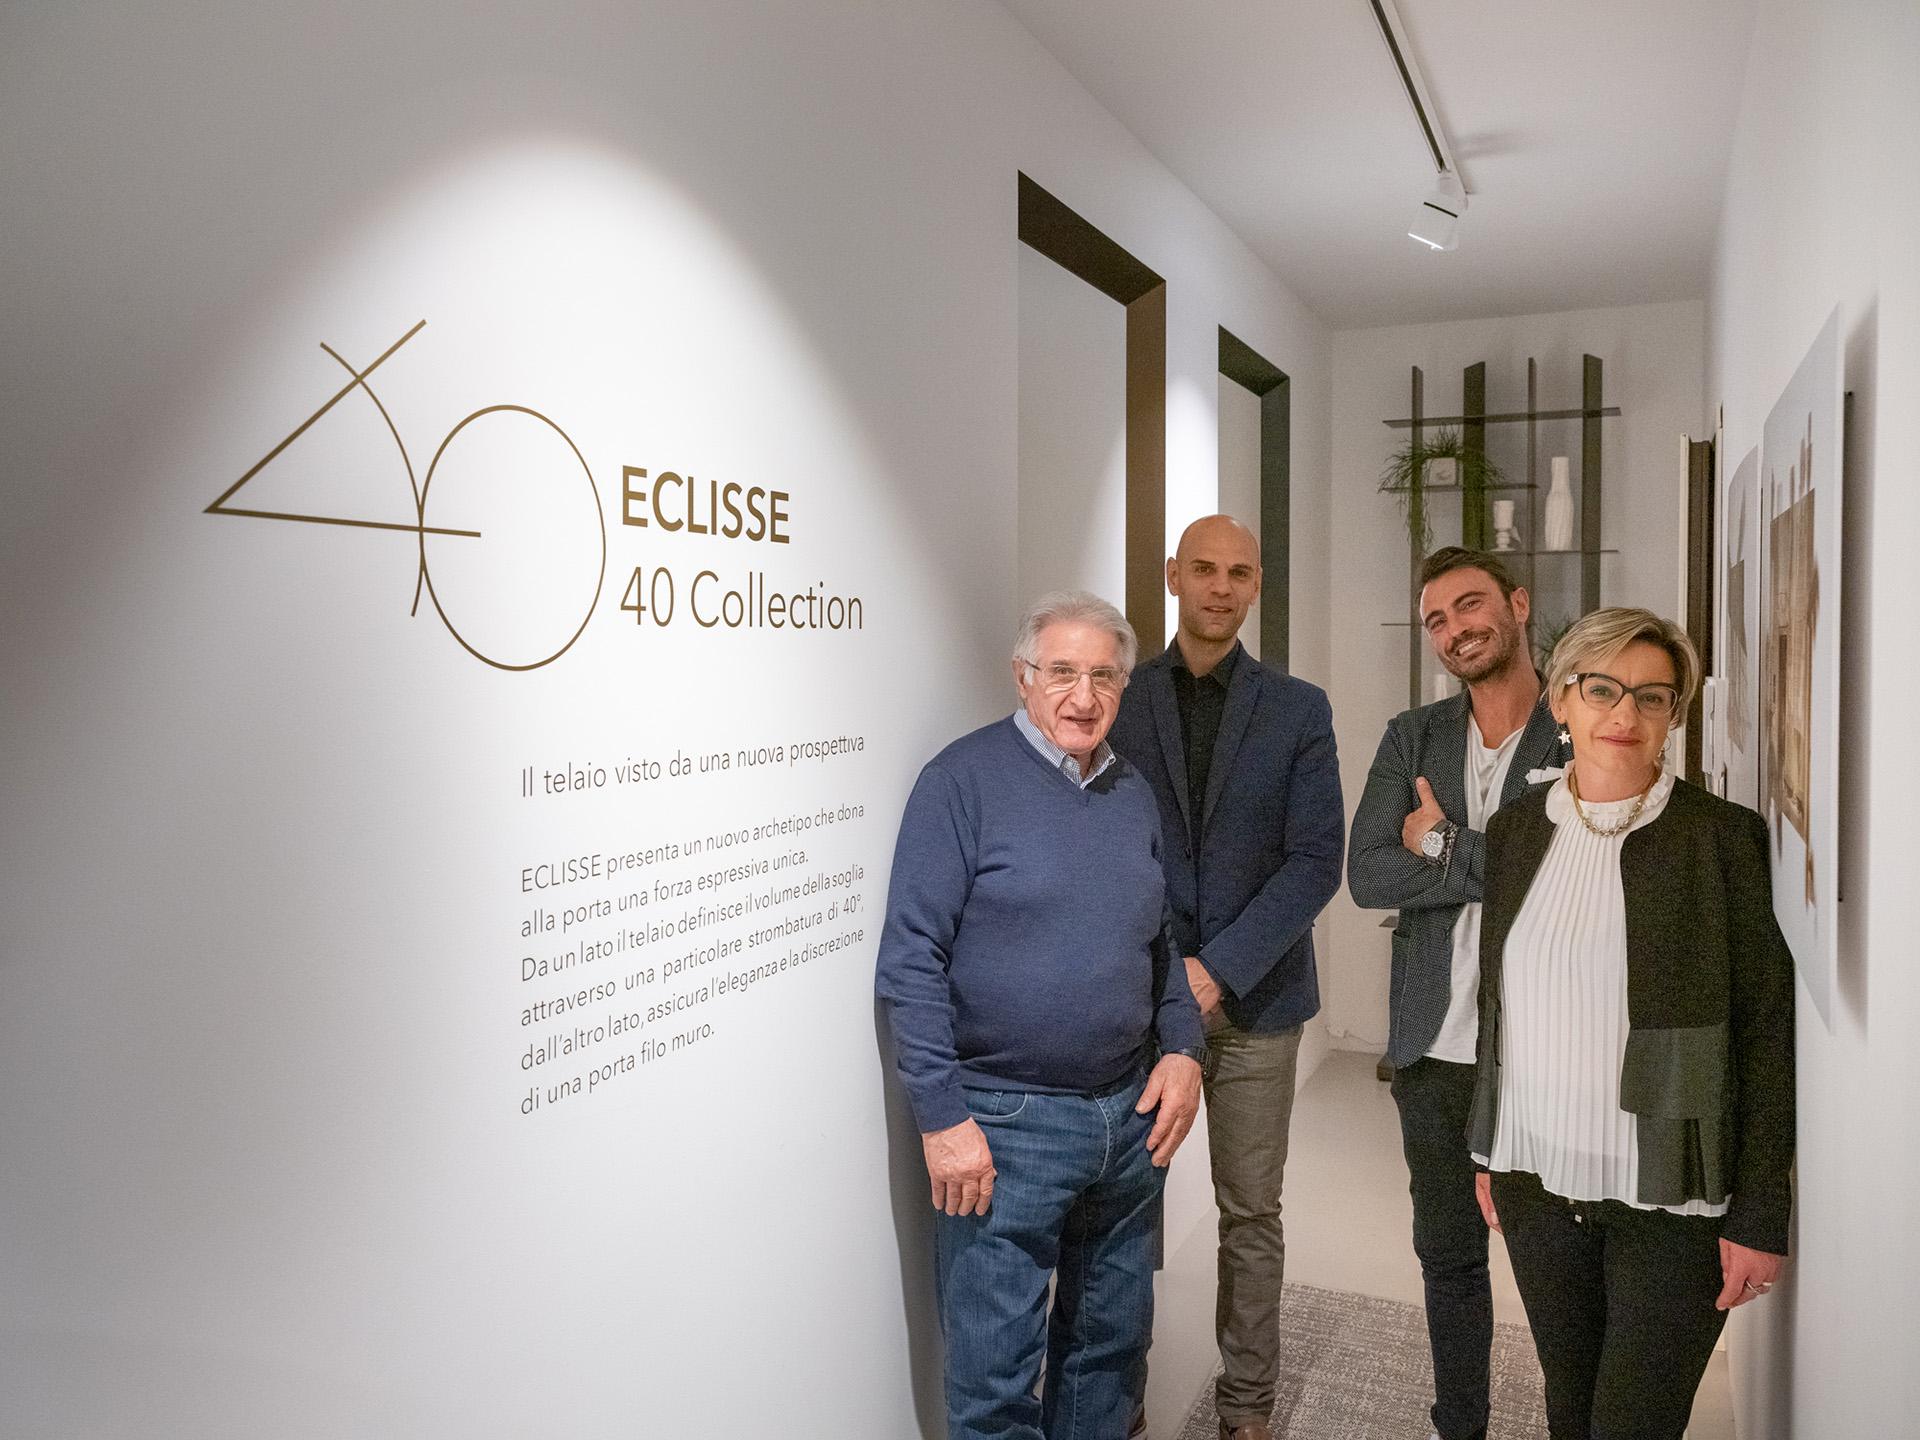 Press Day - via Molino delle Armi 2A Milano - lancio eclisse 40 collection. I designer Valentini Ponzelli, il fondatore di Eclisse Luigi De Faveri e la CEO di Eclisse Daniela De Faveri